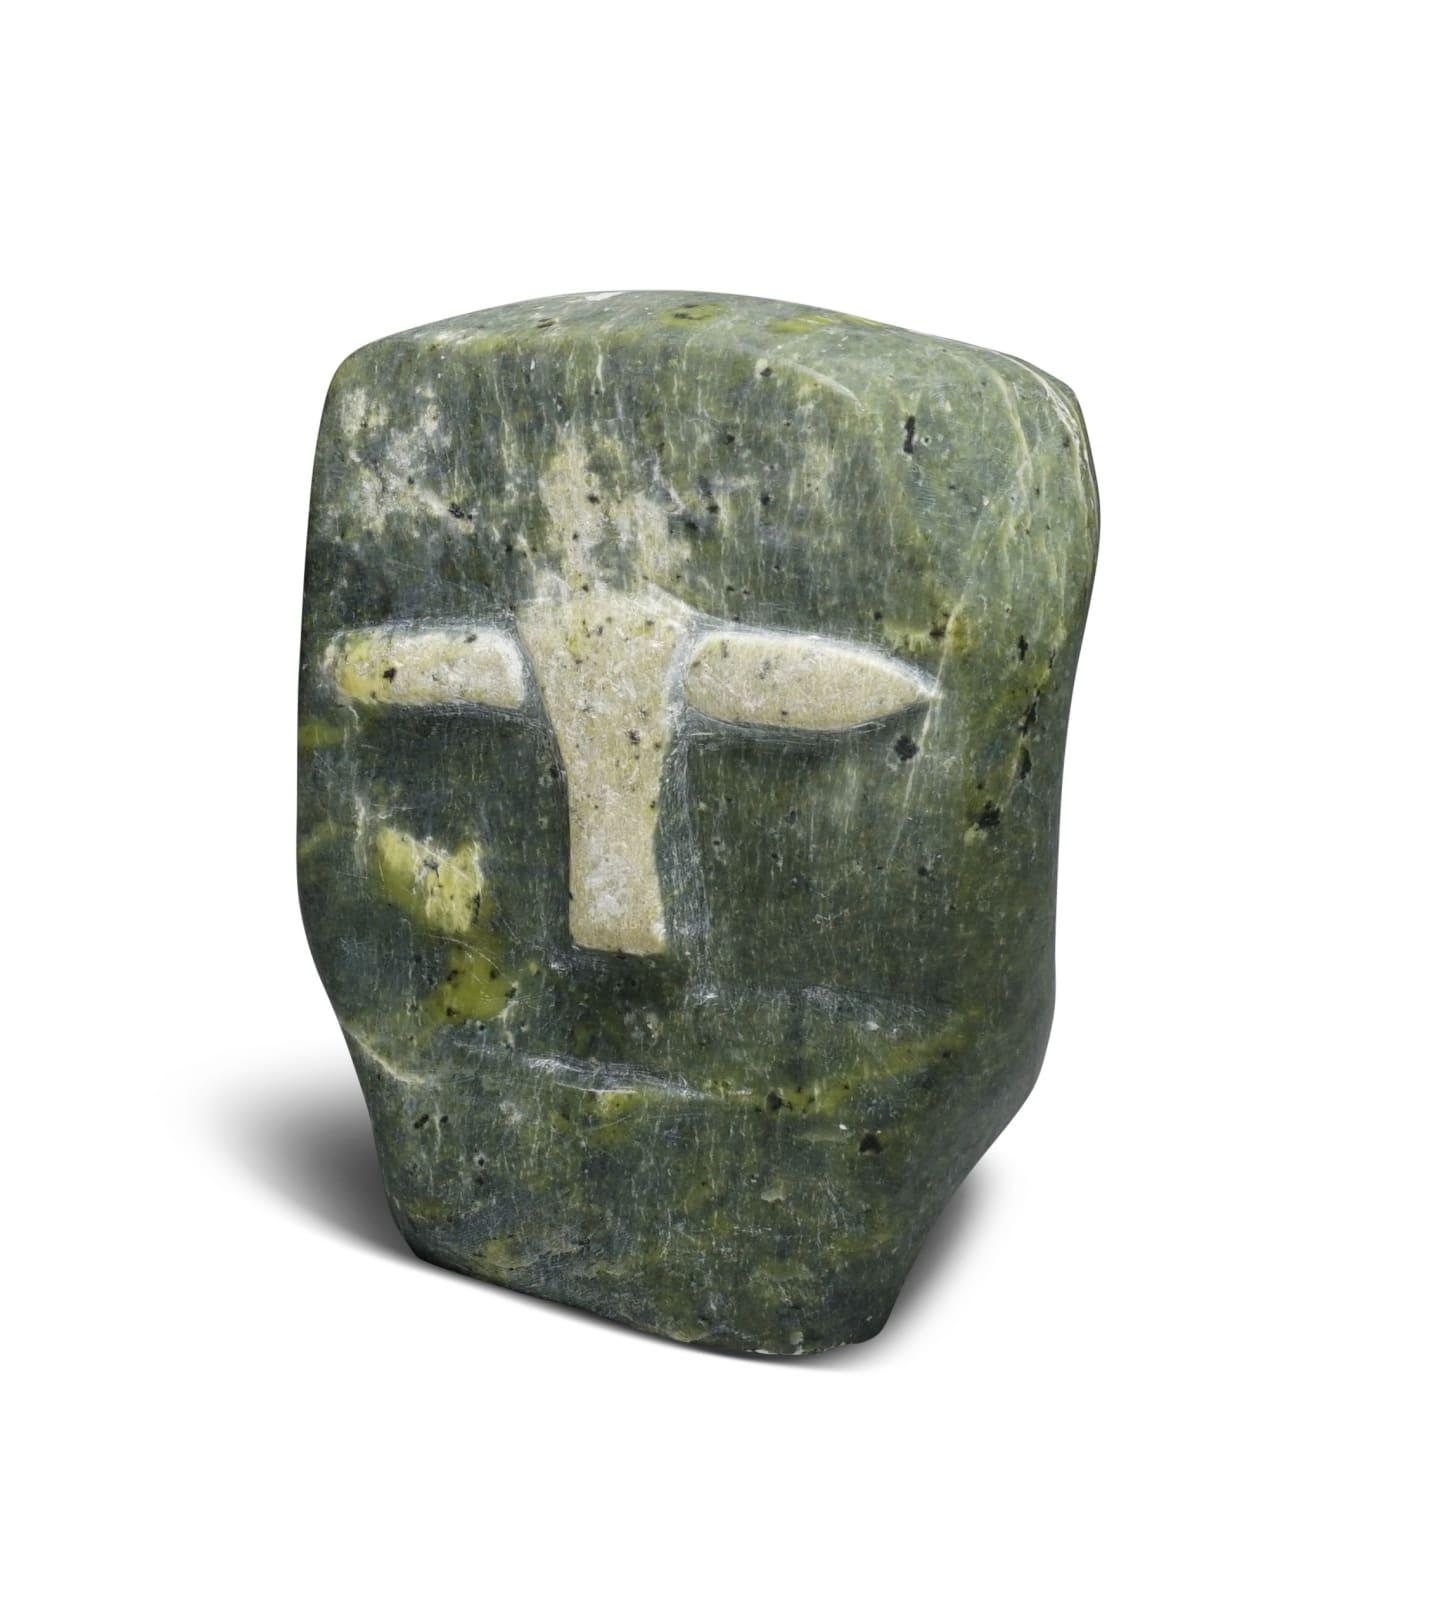 LOT 51 KOVIANITUK ADAMIE (1906-D) IQALUIT (FROBISHER BAY) Head, c. 1975 stone, 5 x 5 x 4 in (12.7 x 12.7 x 10.2 cm) ESTIMATE: $500 — $800